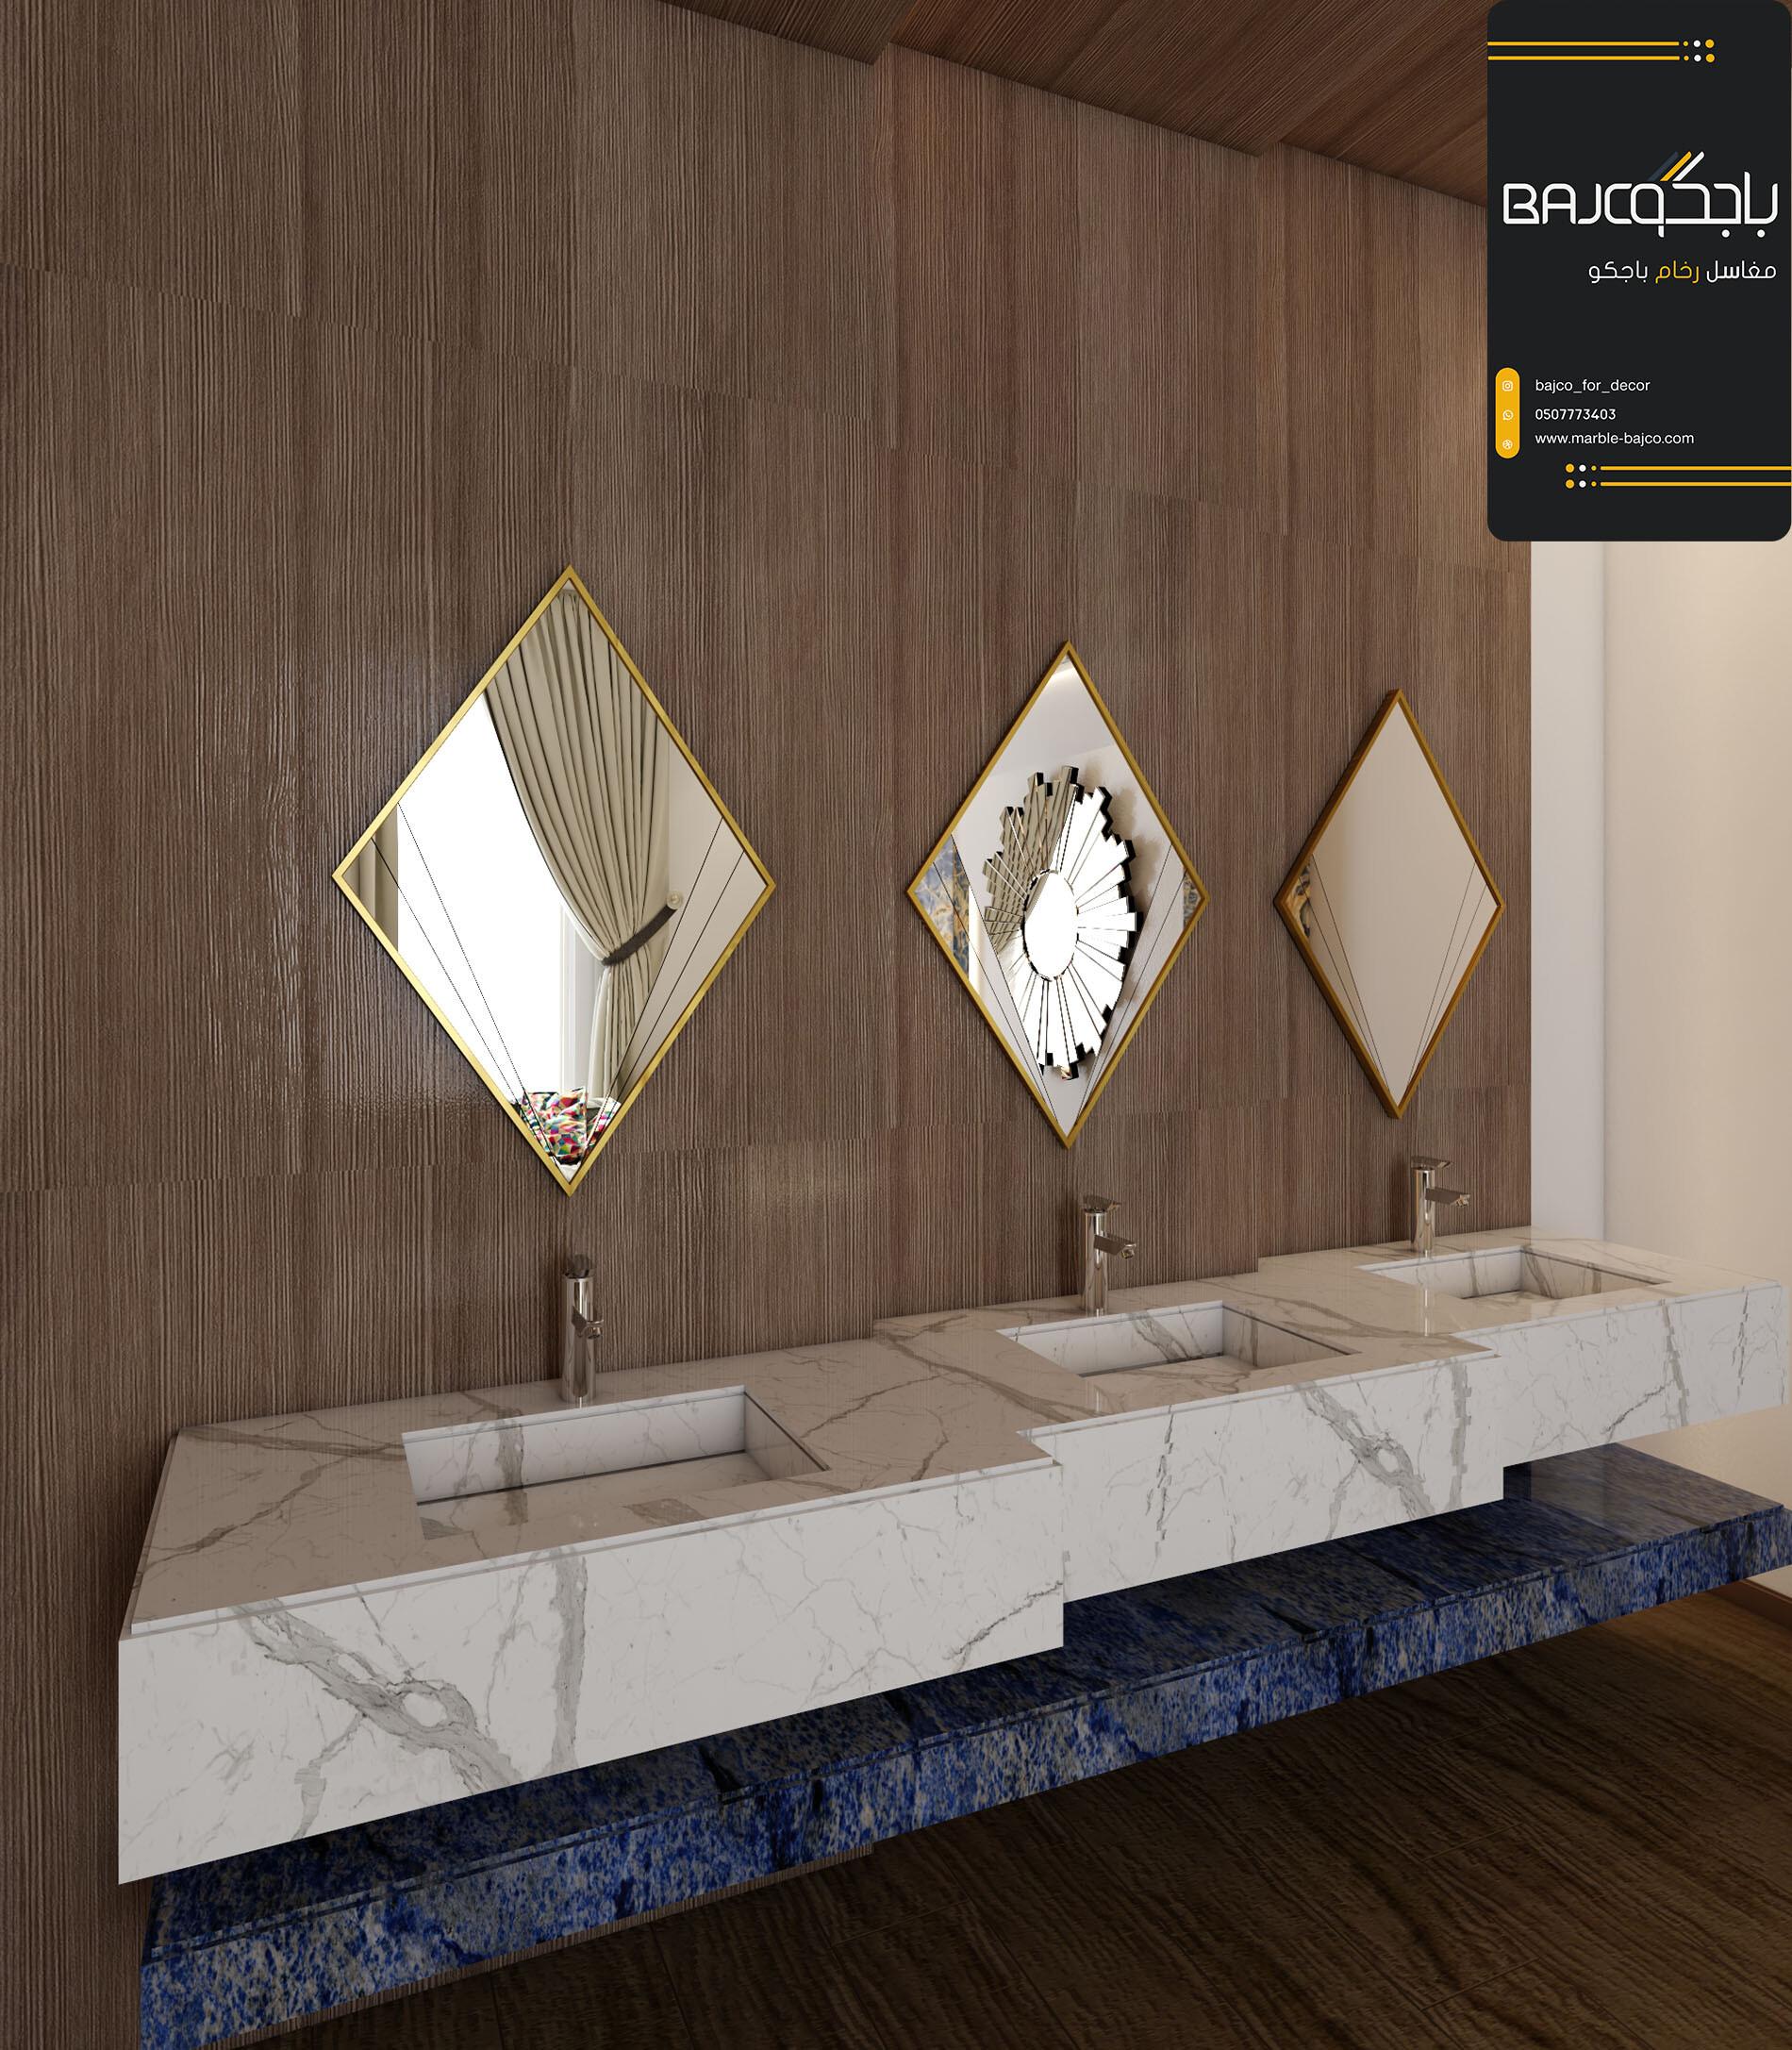 تصاميم مغسلة رخام ستتواريو ثلاث احواض (7)